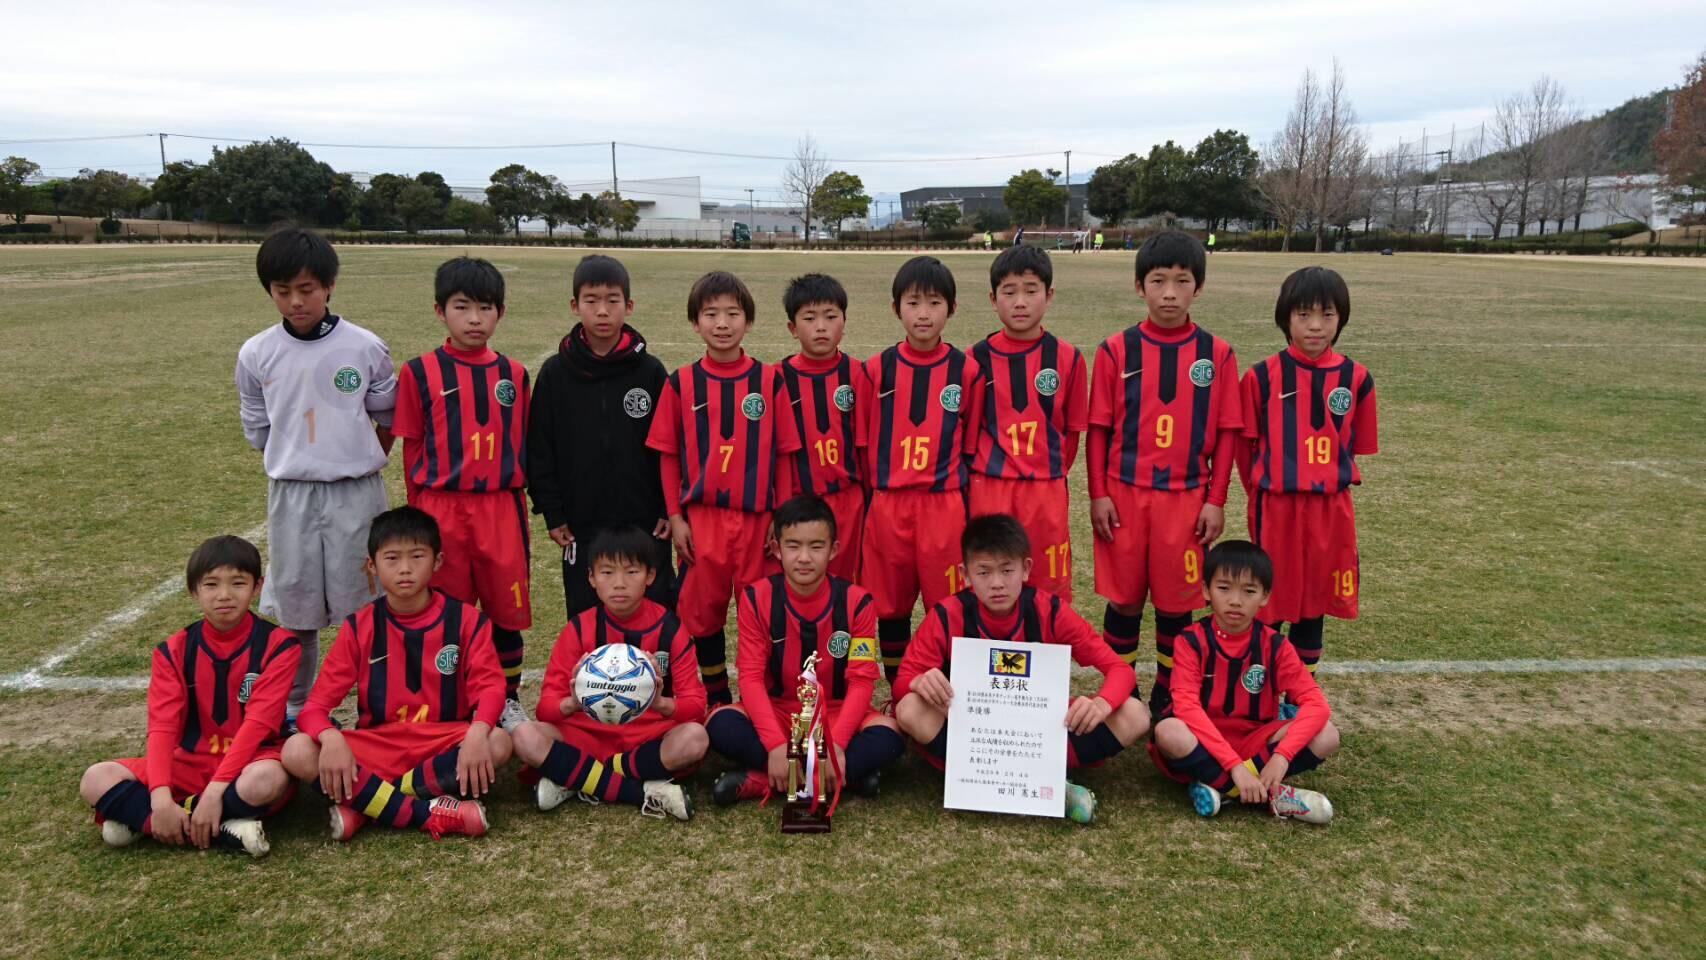 第48回熊本県少年サッカー選手権...